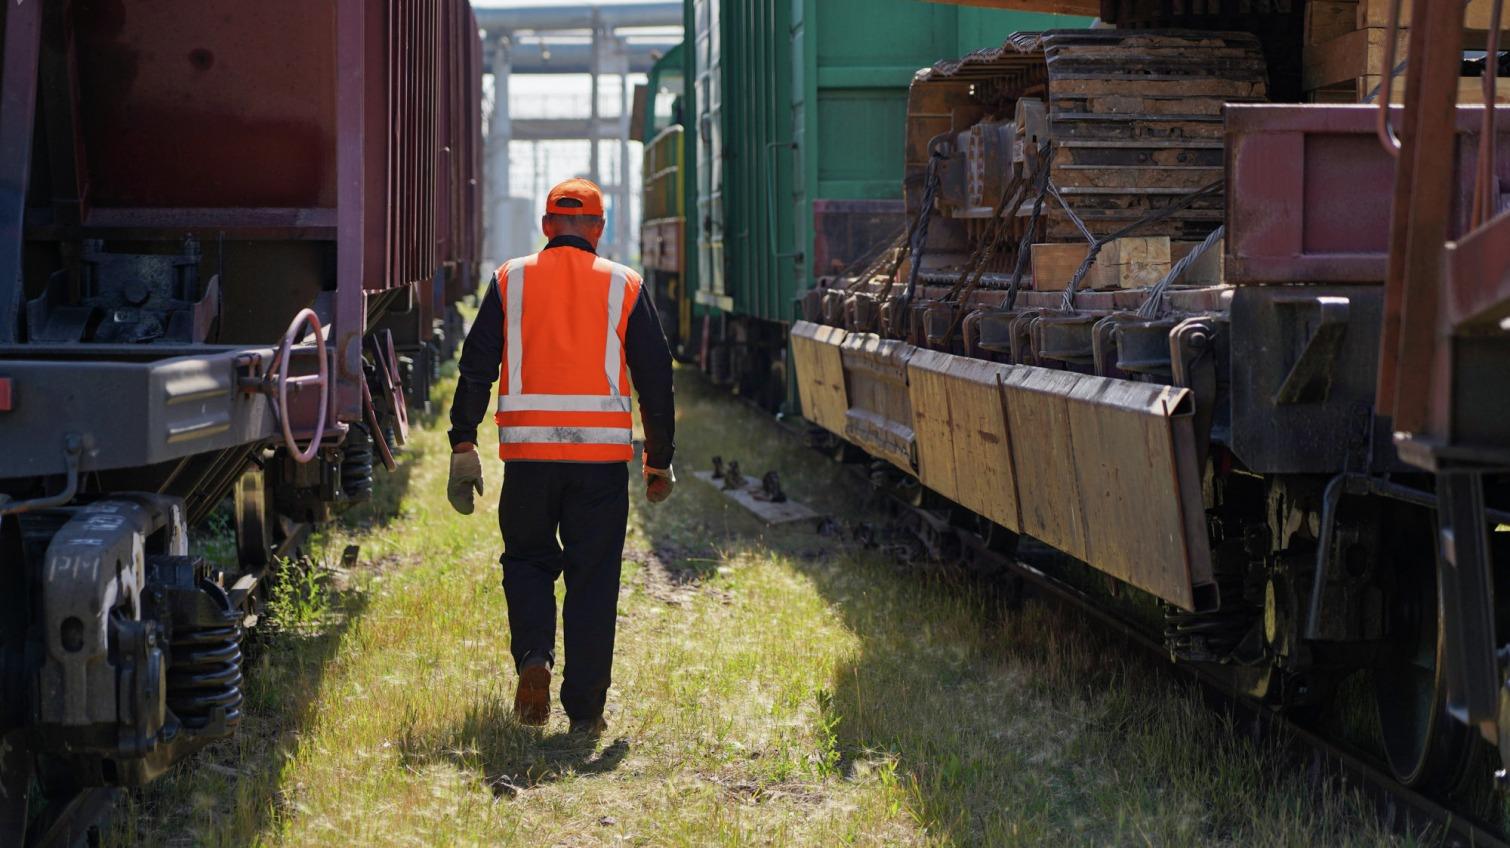 В Одессе составителю поездов отрезало ногу: спасти жизнь не удалось «фото»